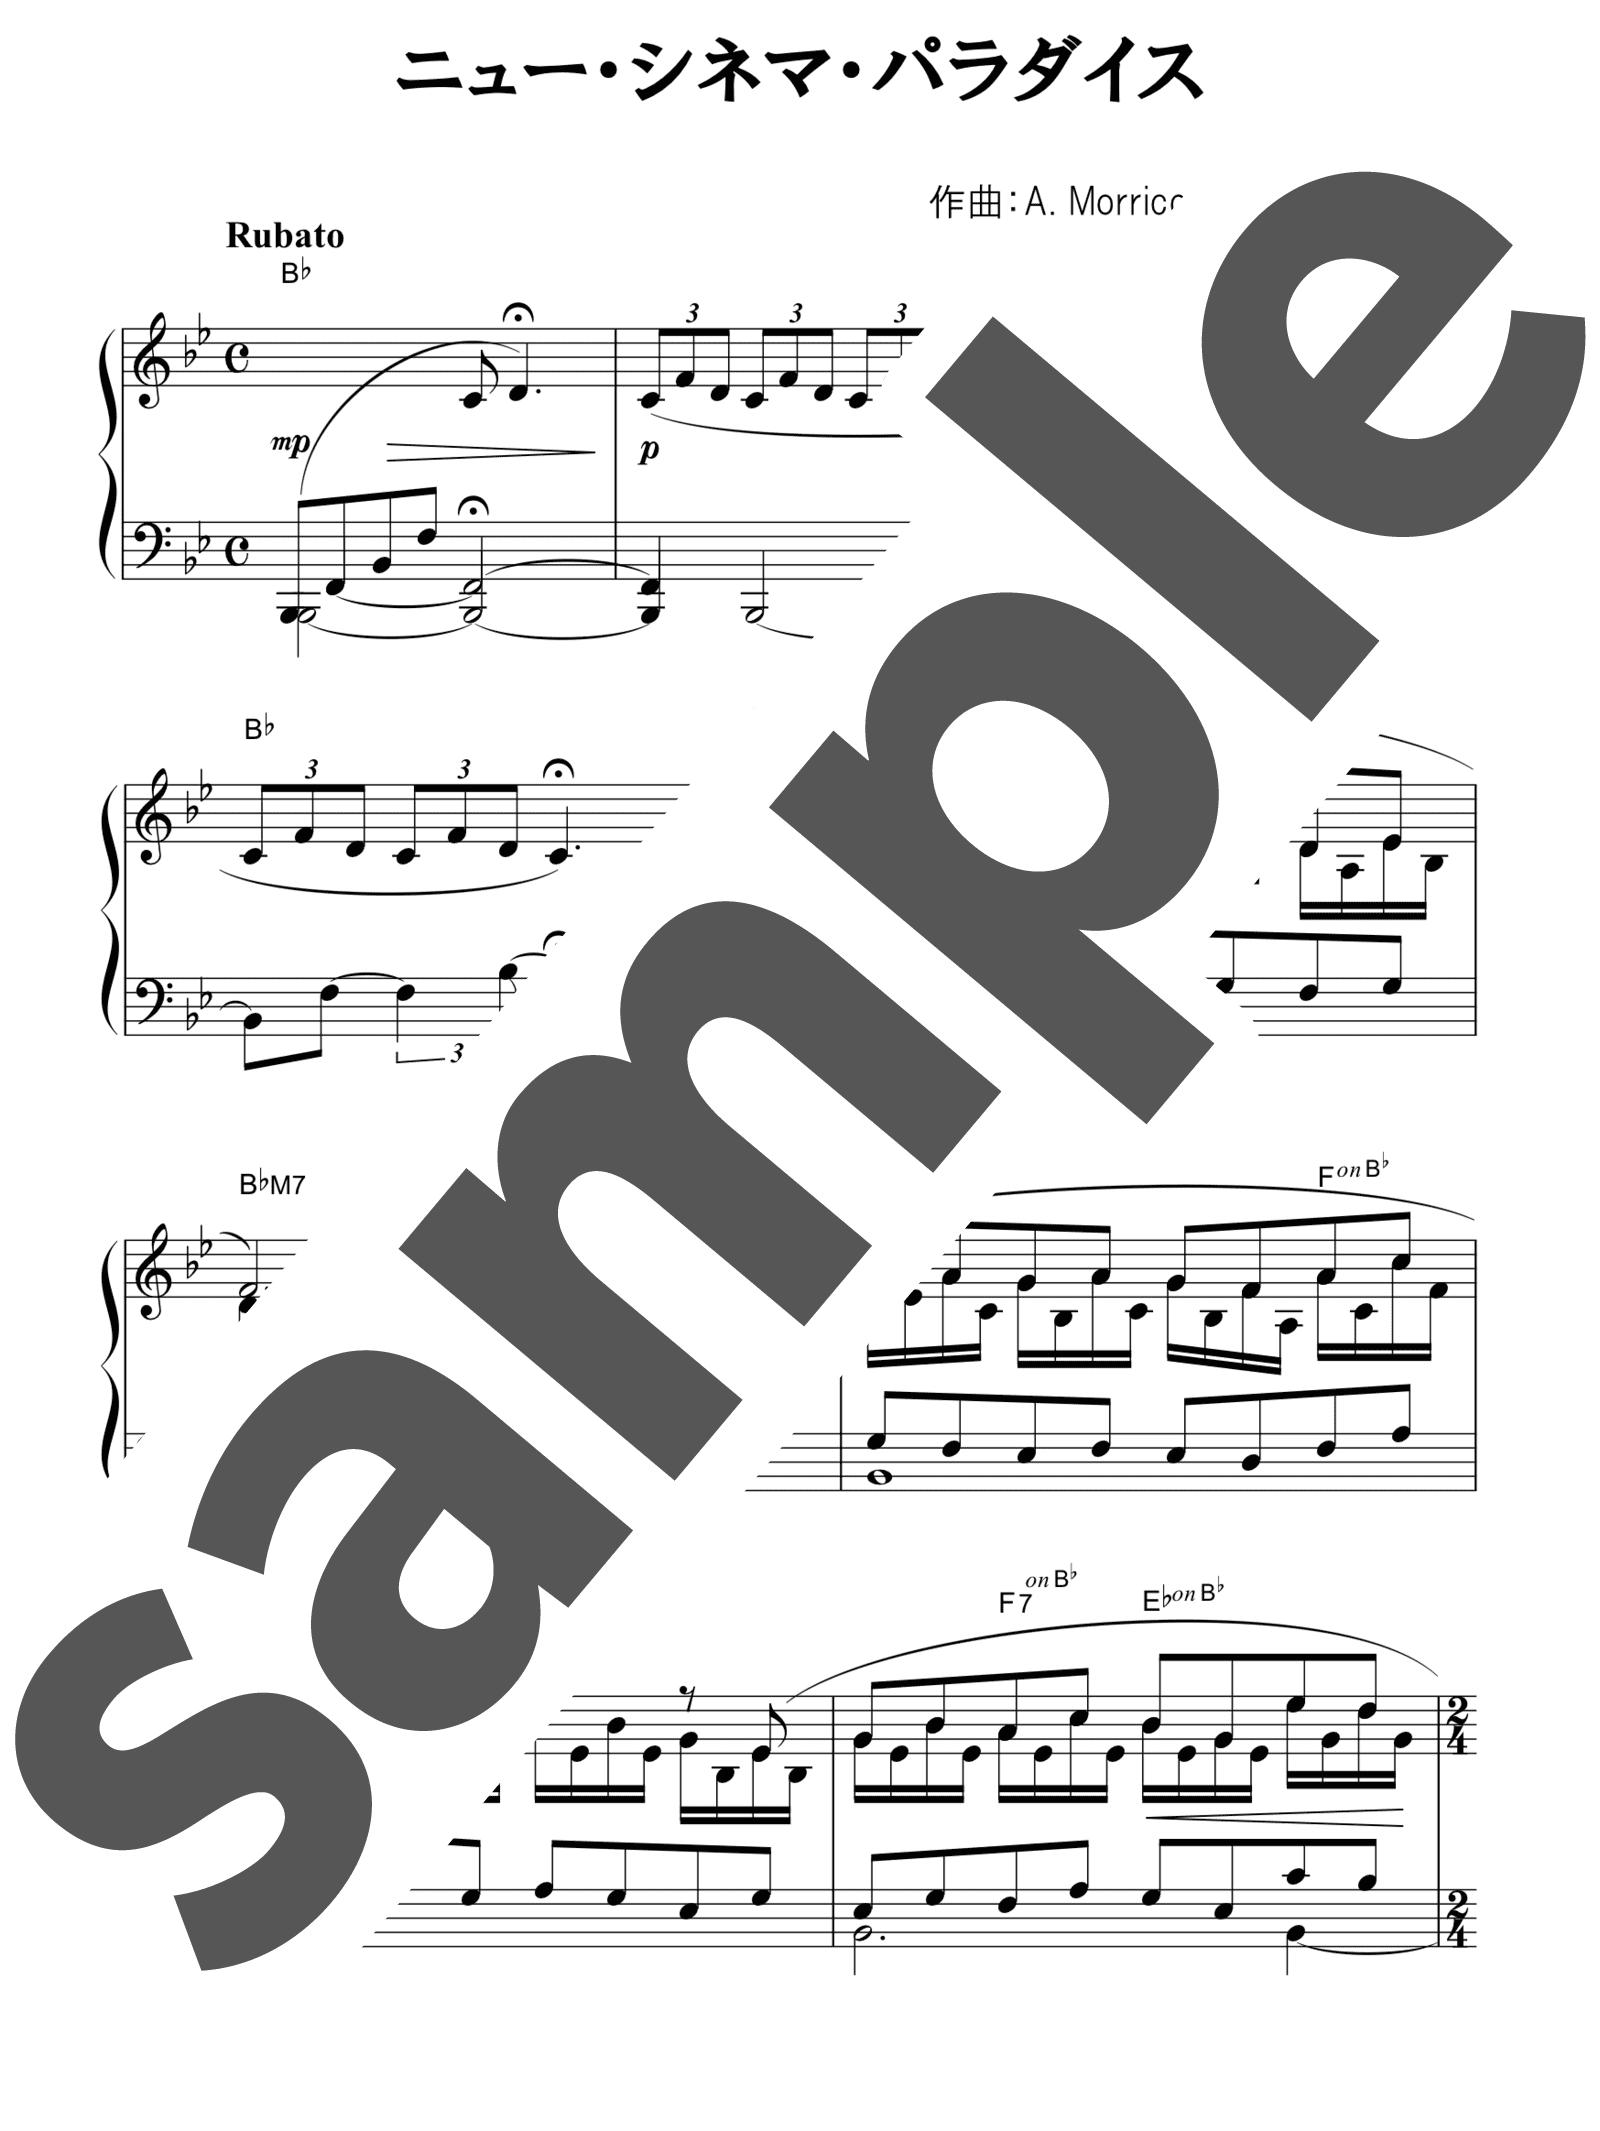 「ニューシネマパラダイス」のサンプル楽譜